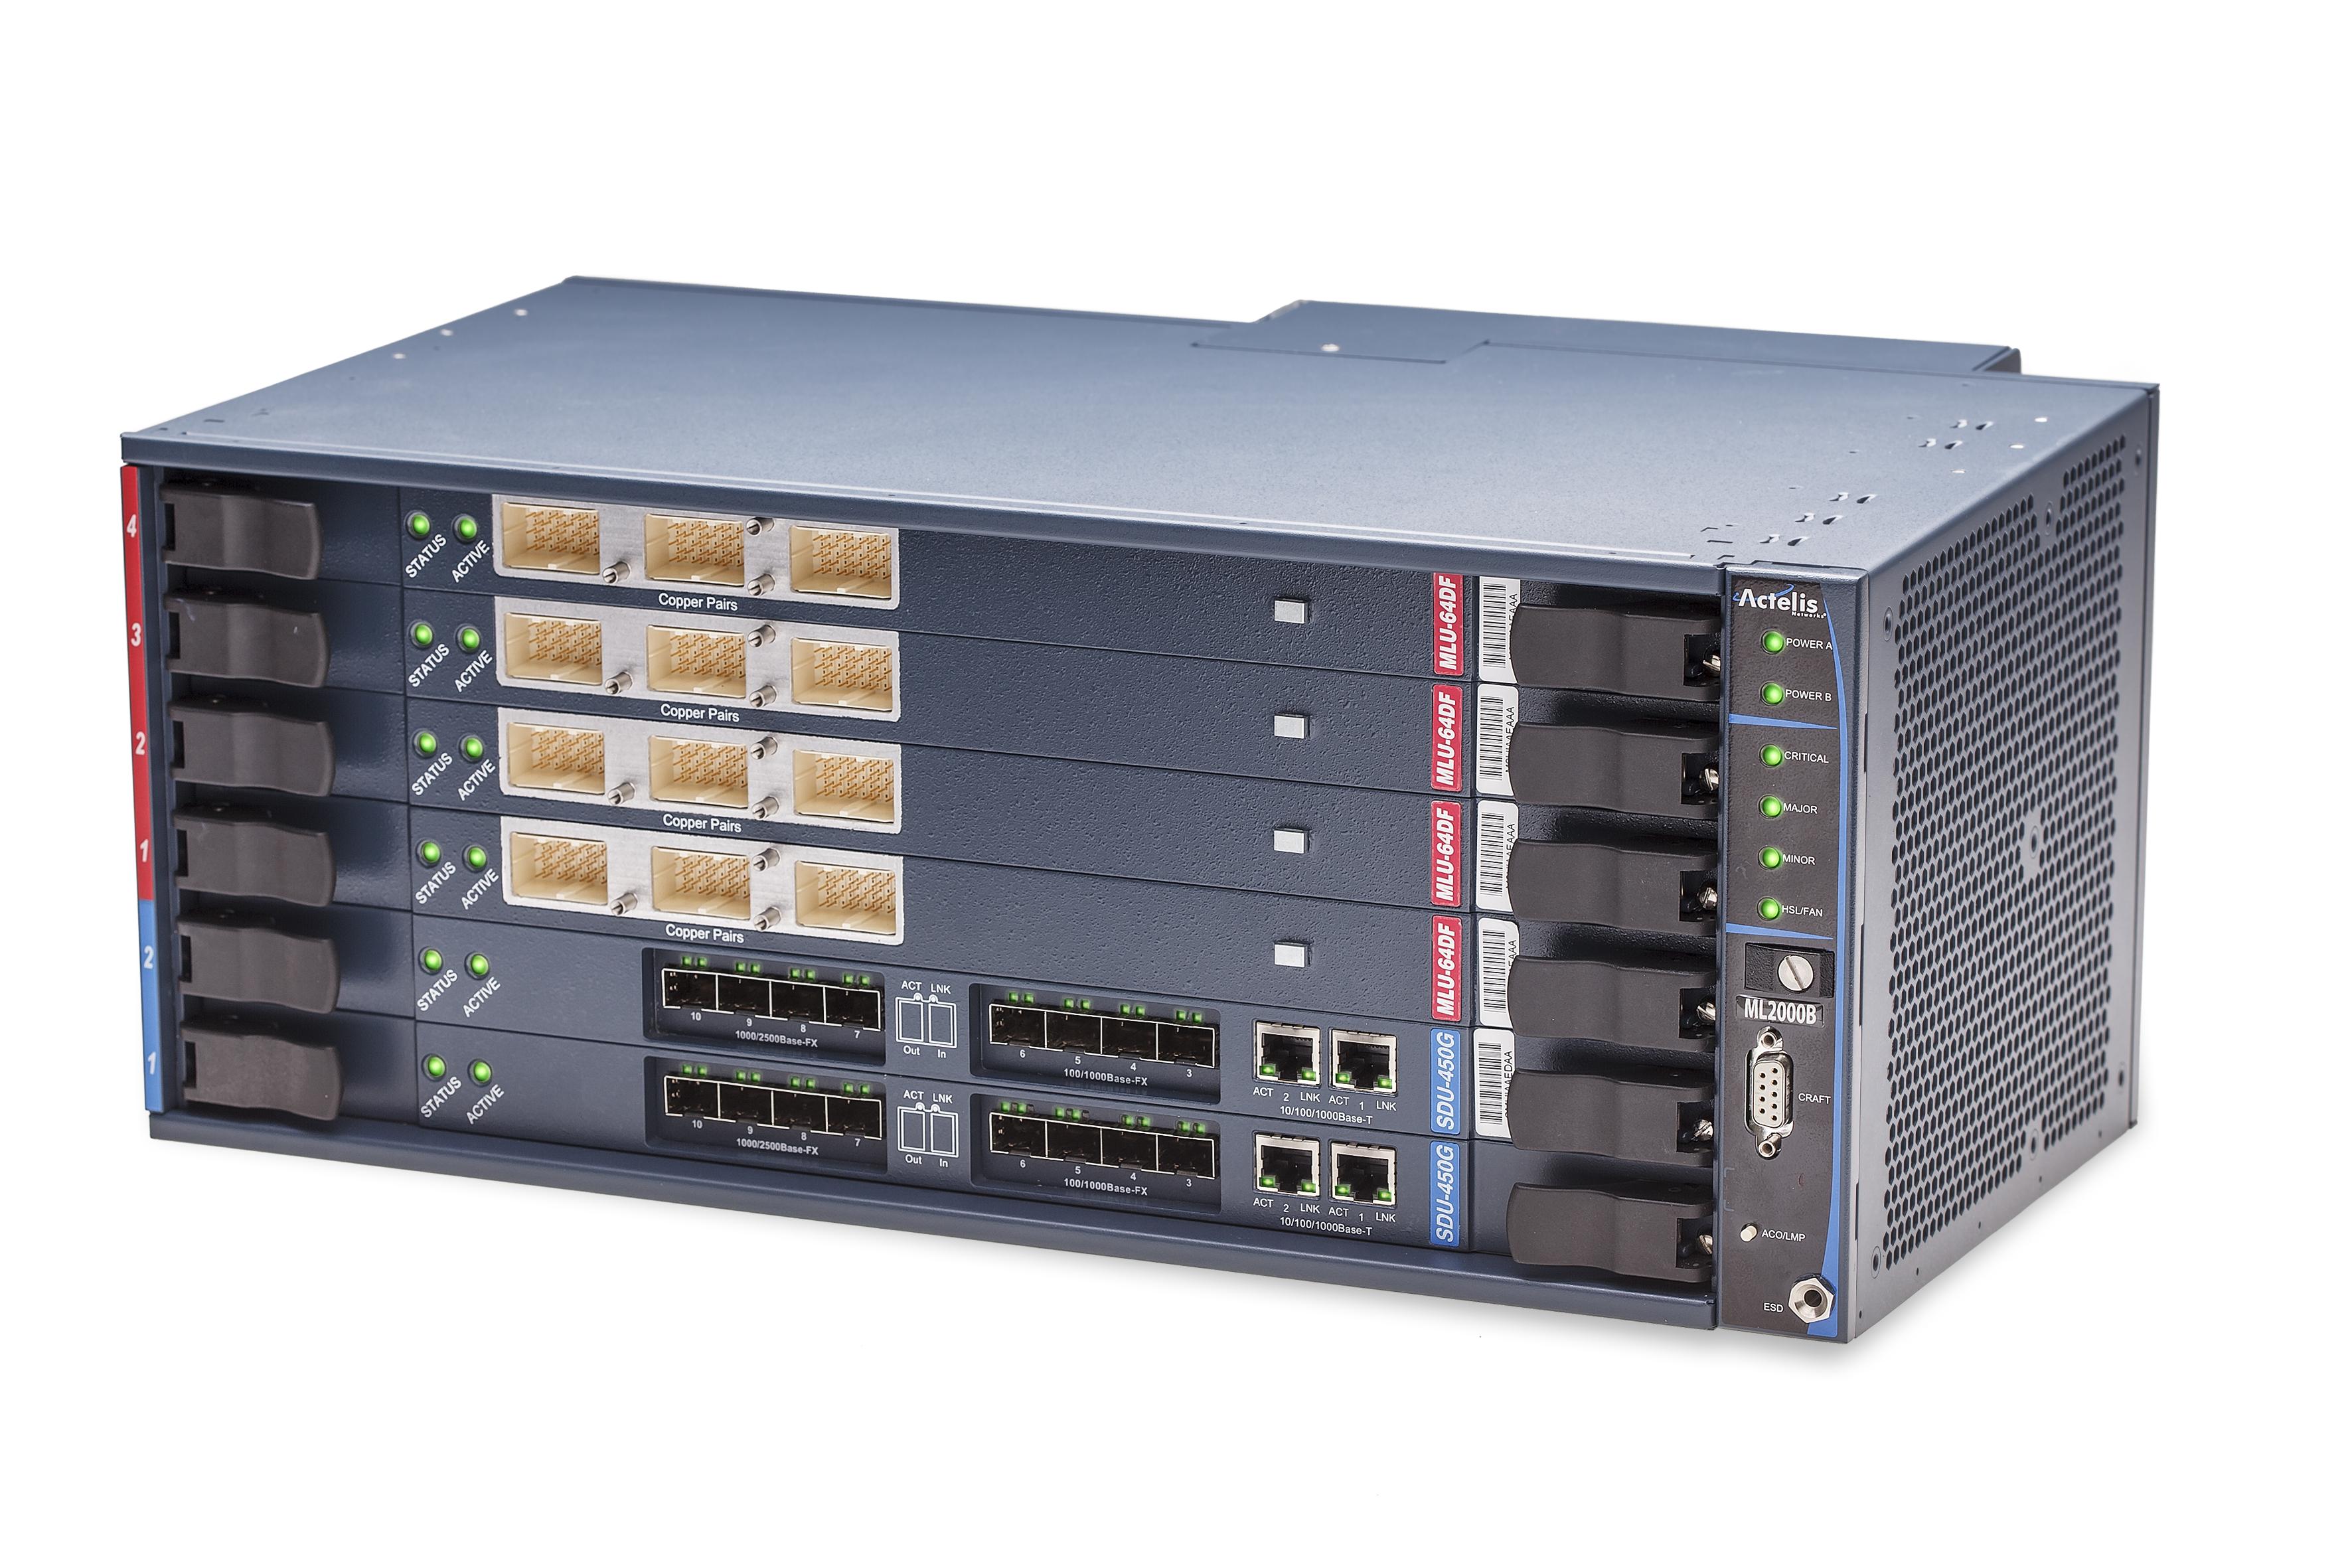 ml2300 actelis networks rh actelis com